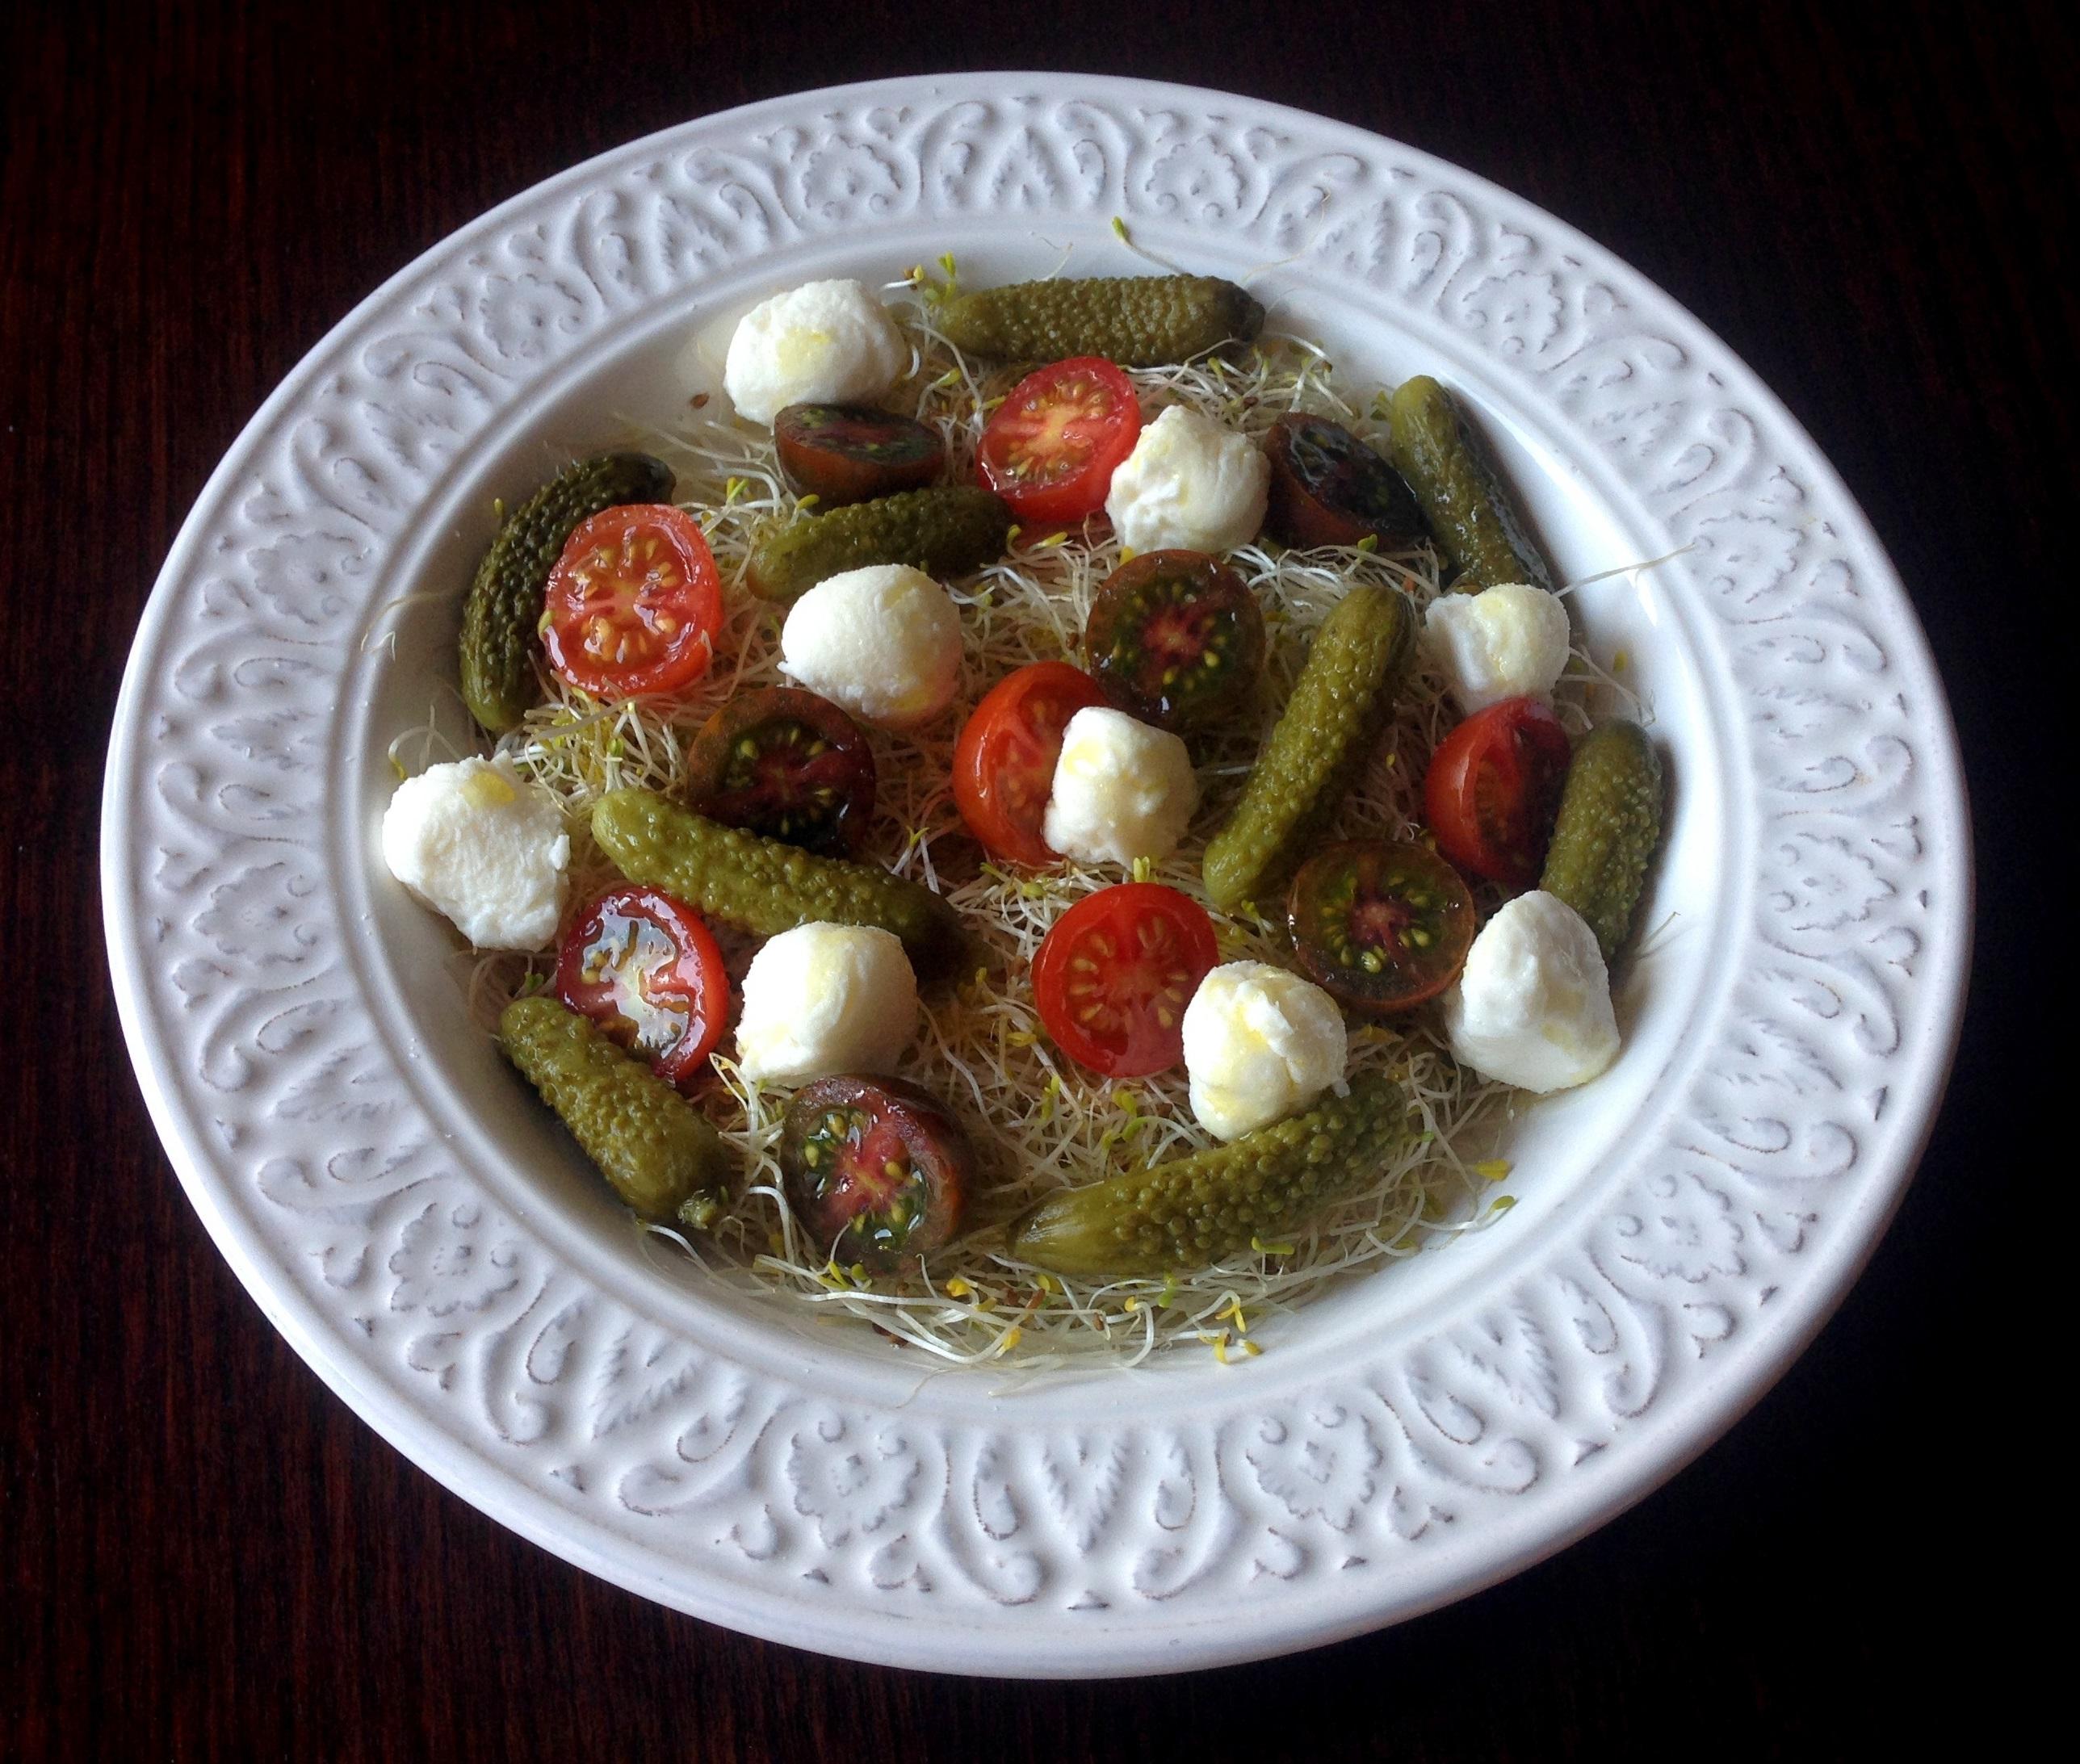 Ensalada de brotes, pepinillos, tomatitos y mozzarella